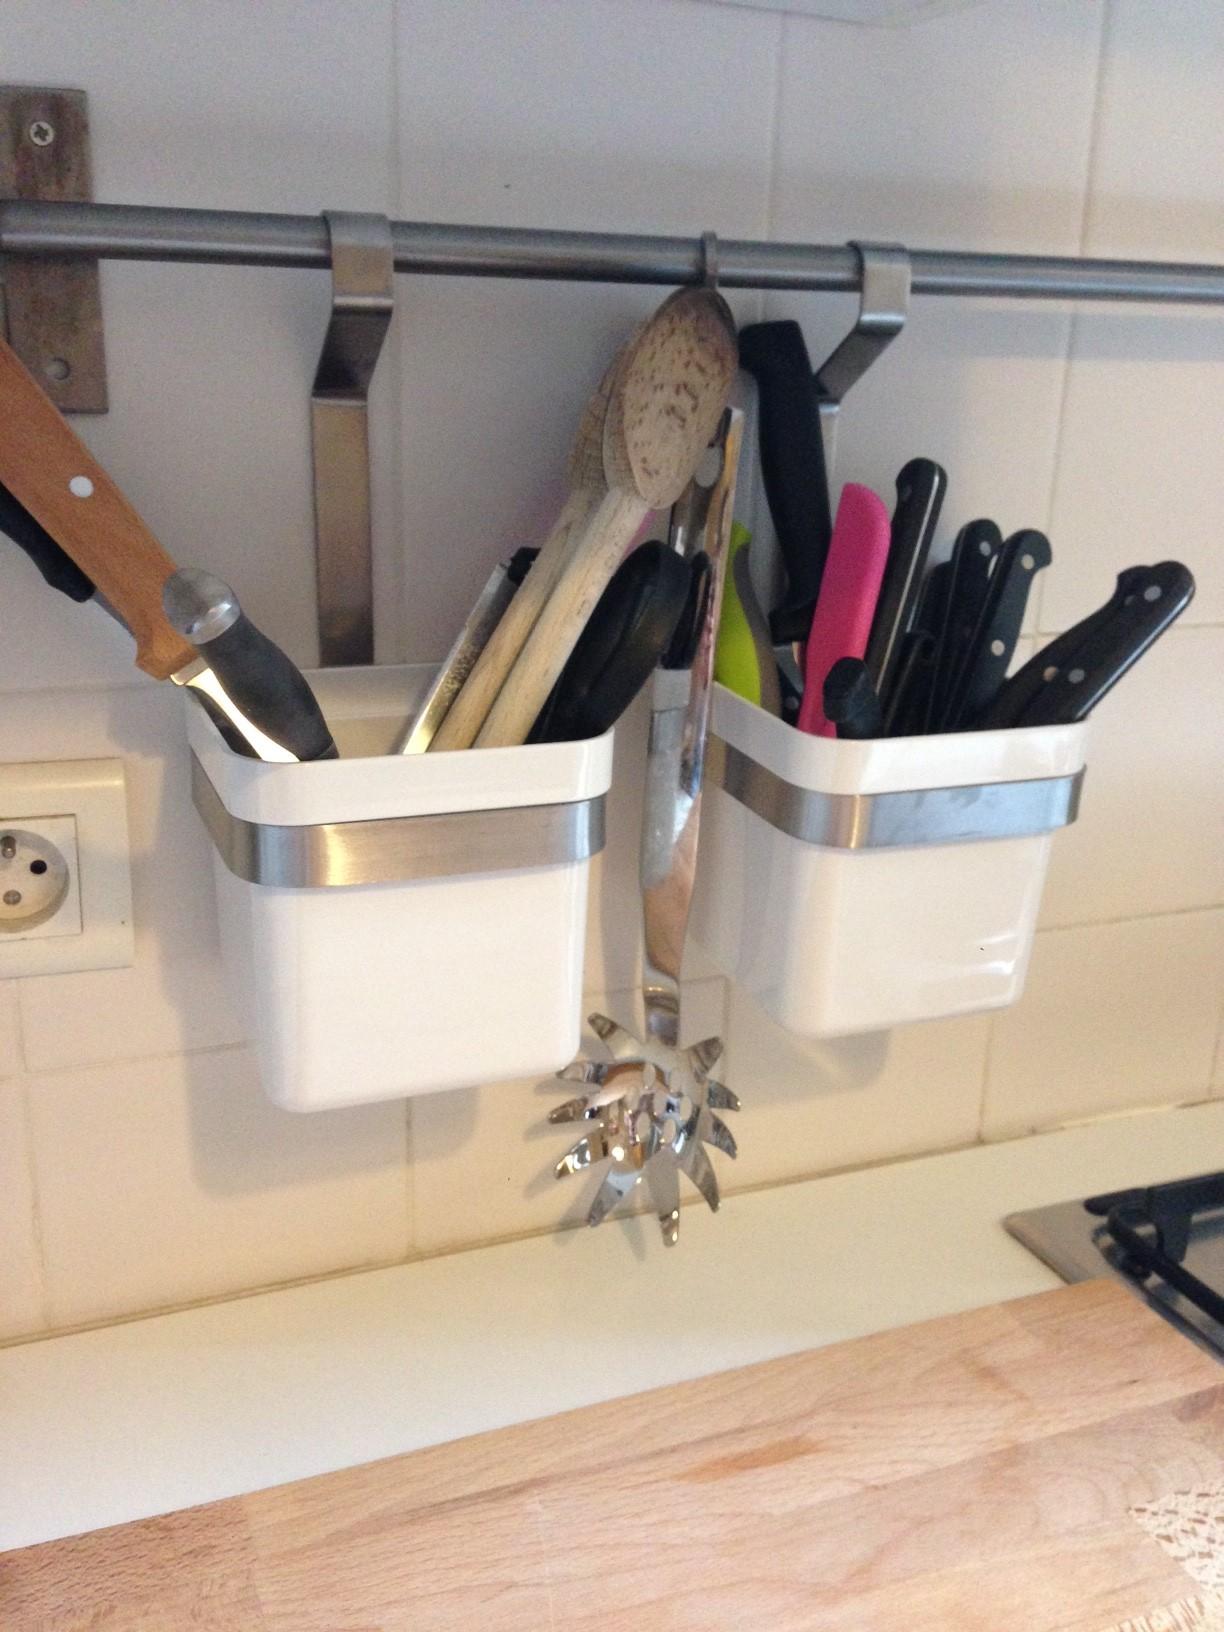 Ikea cuisine accessoires muraux organisation de la for Accessoires pour la cuisine